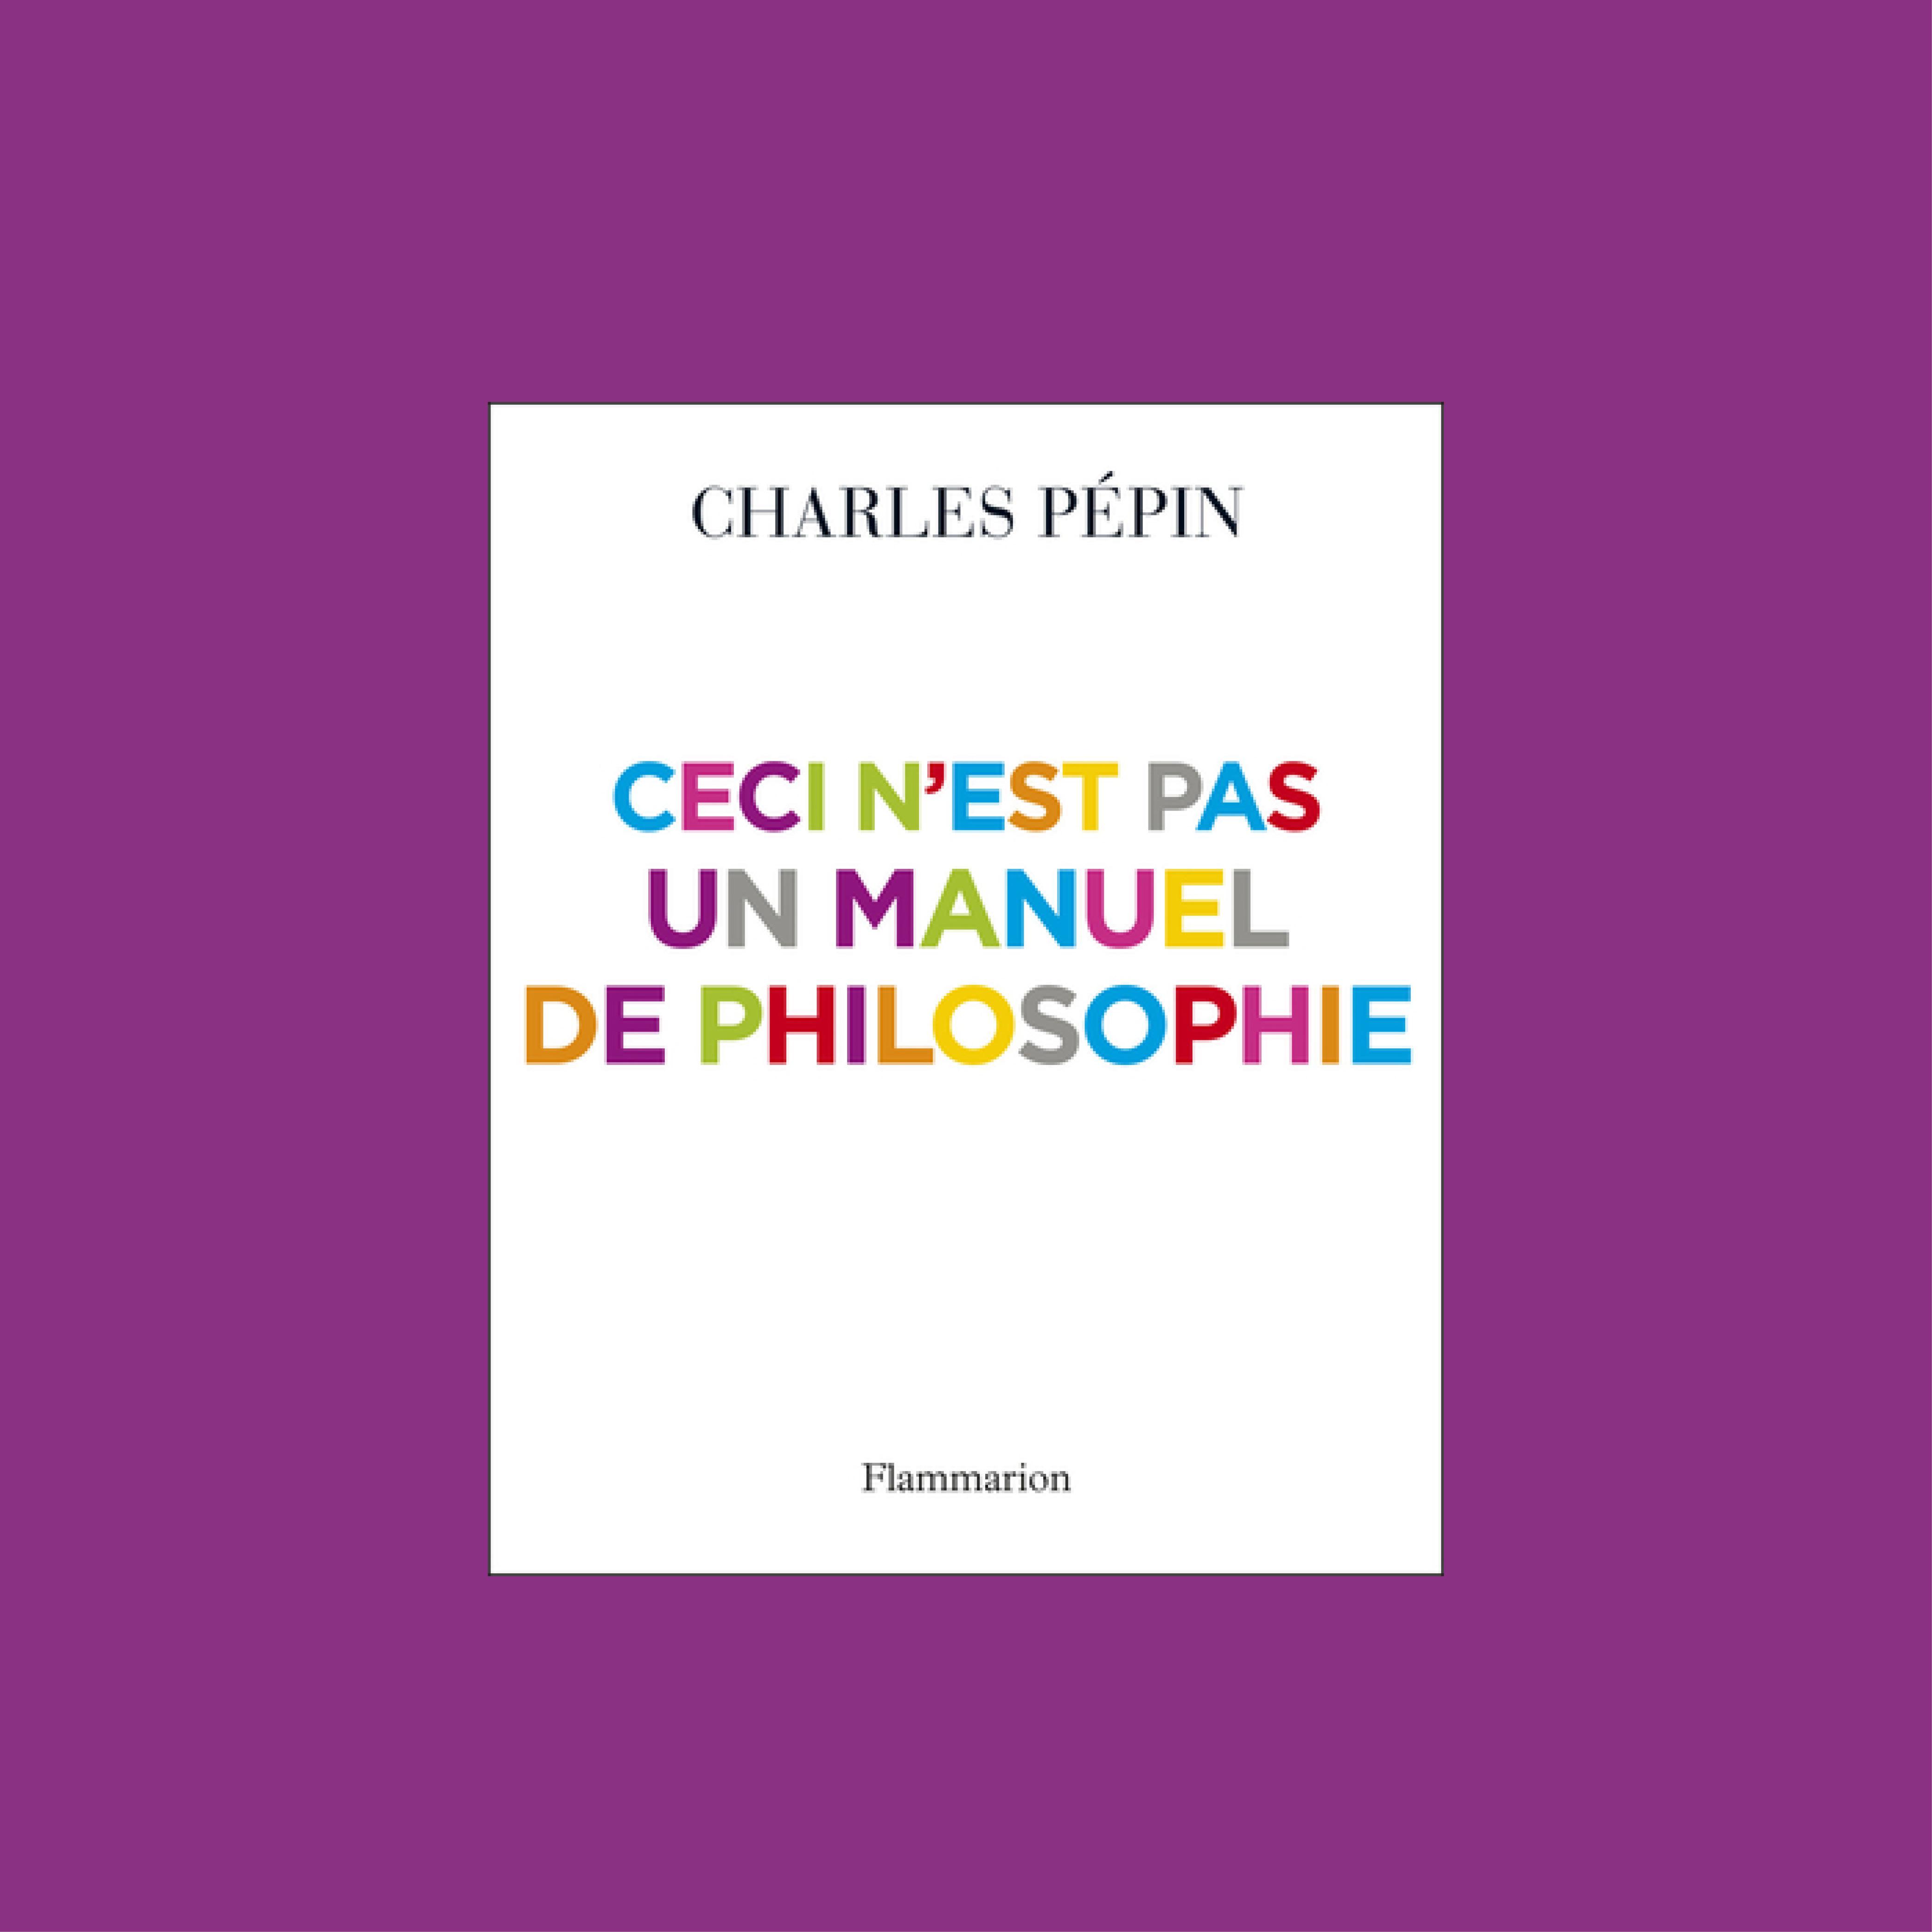 Ceci n'est pas un manuel de philosophie Charles Pépin